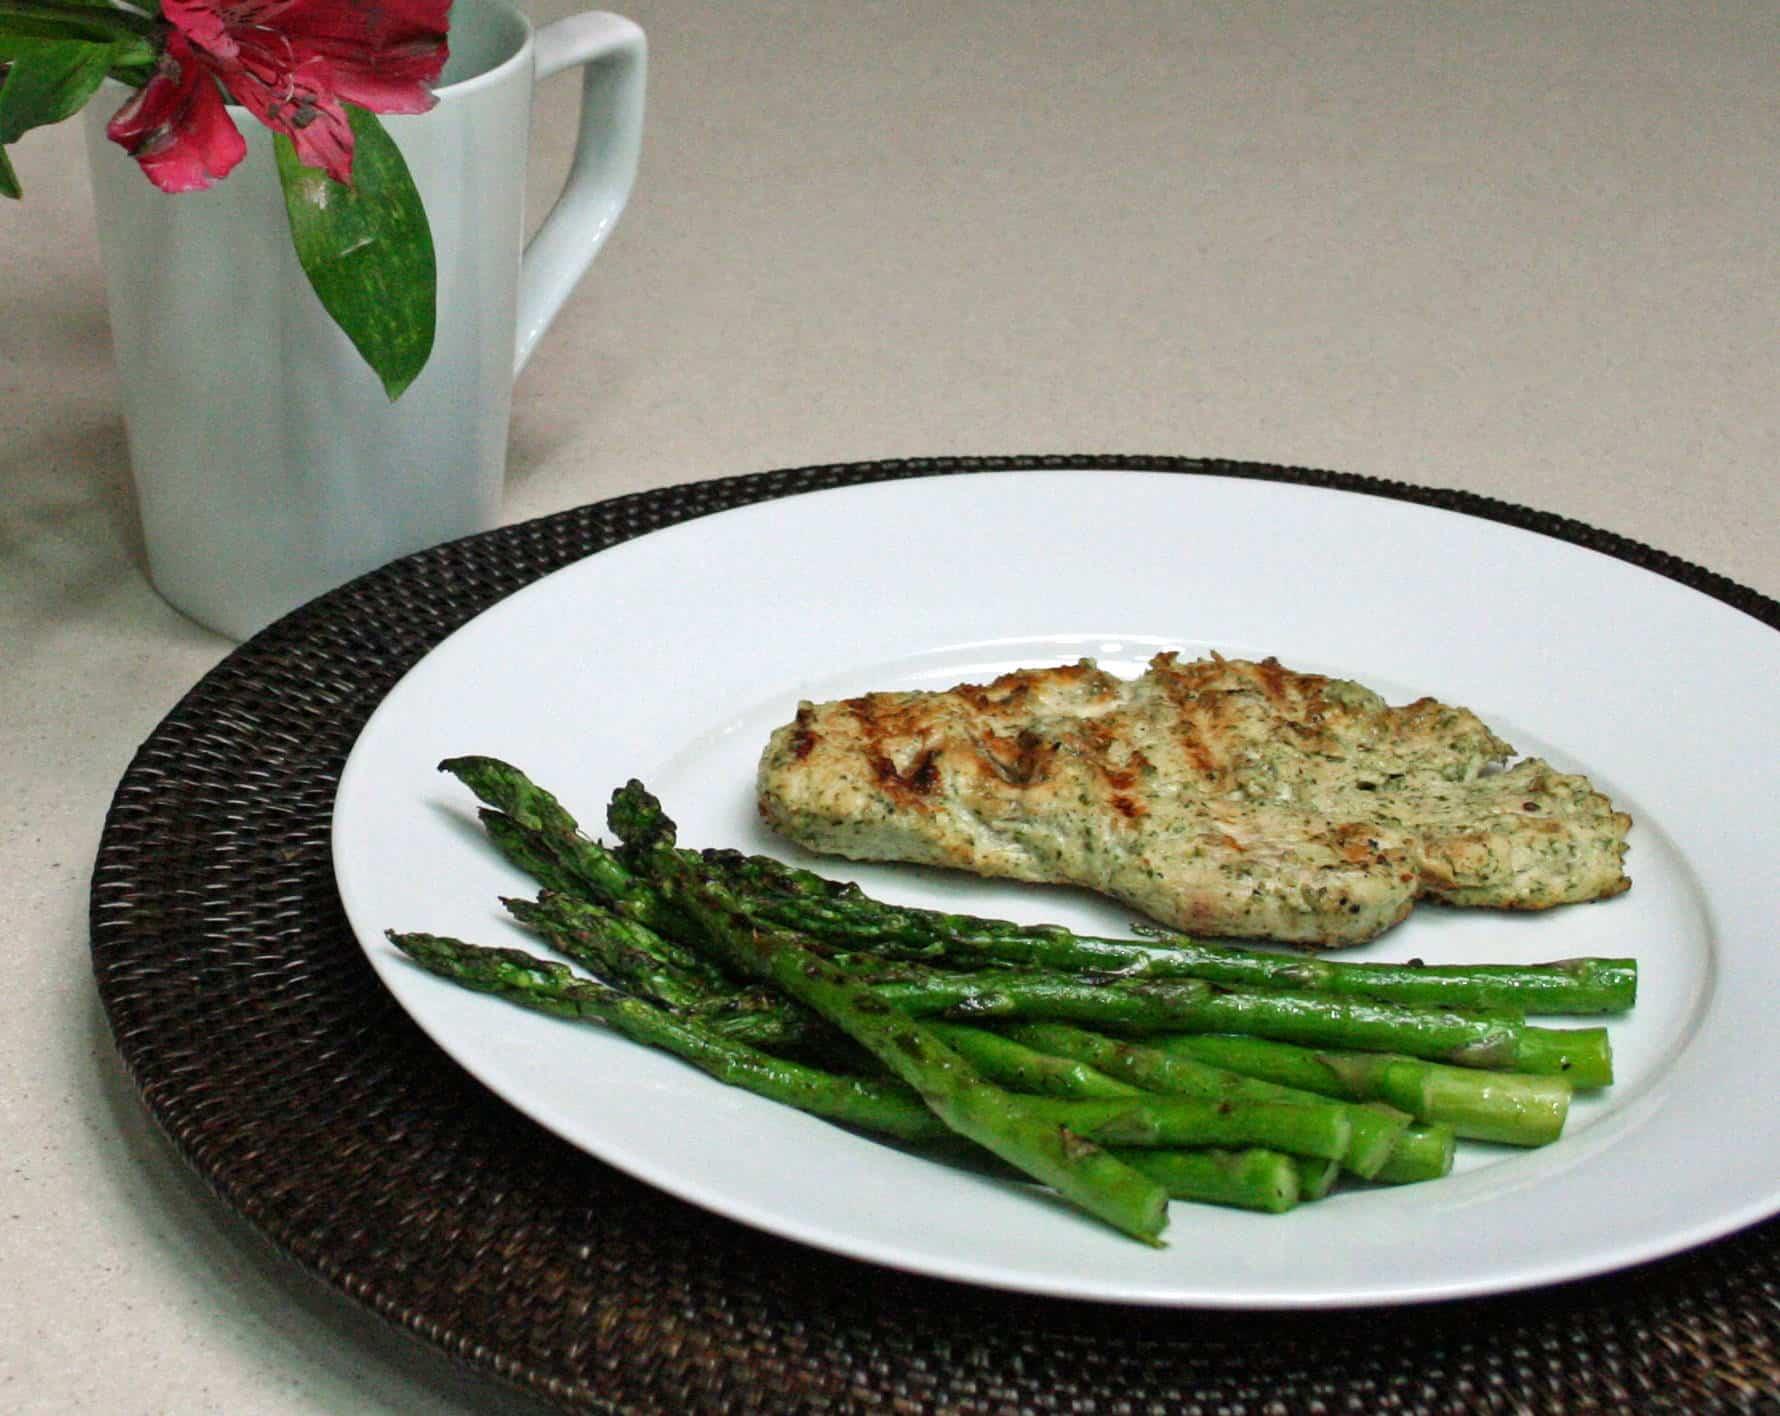 Yogurt-Marinated Grilled Chicken: Test Kitchen Tuesday